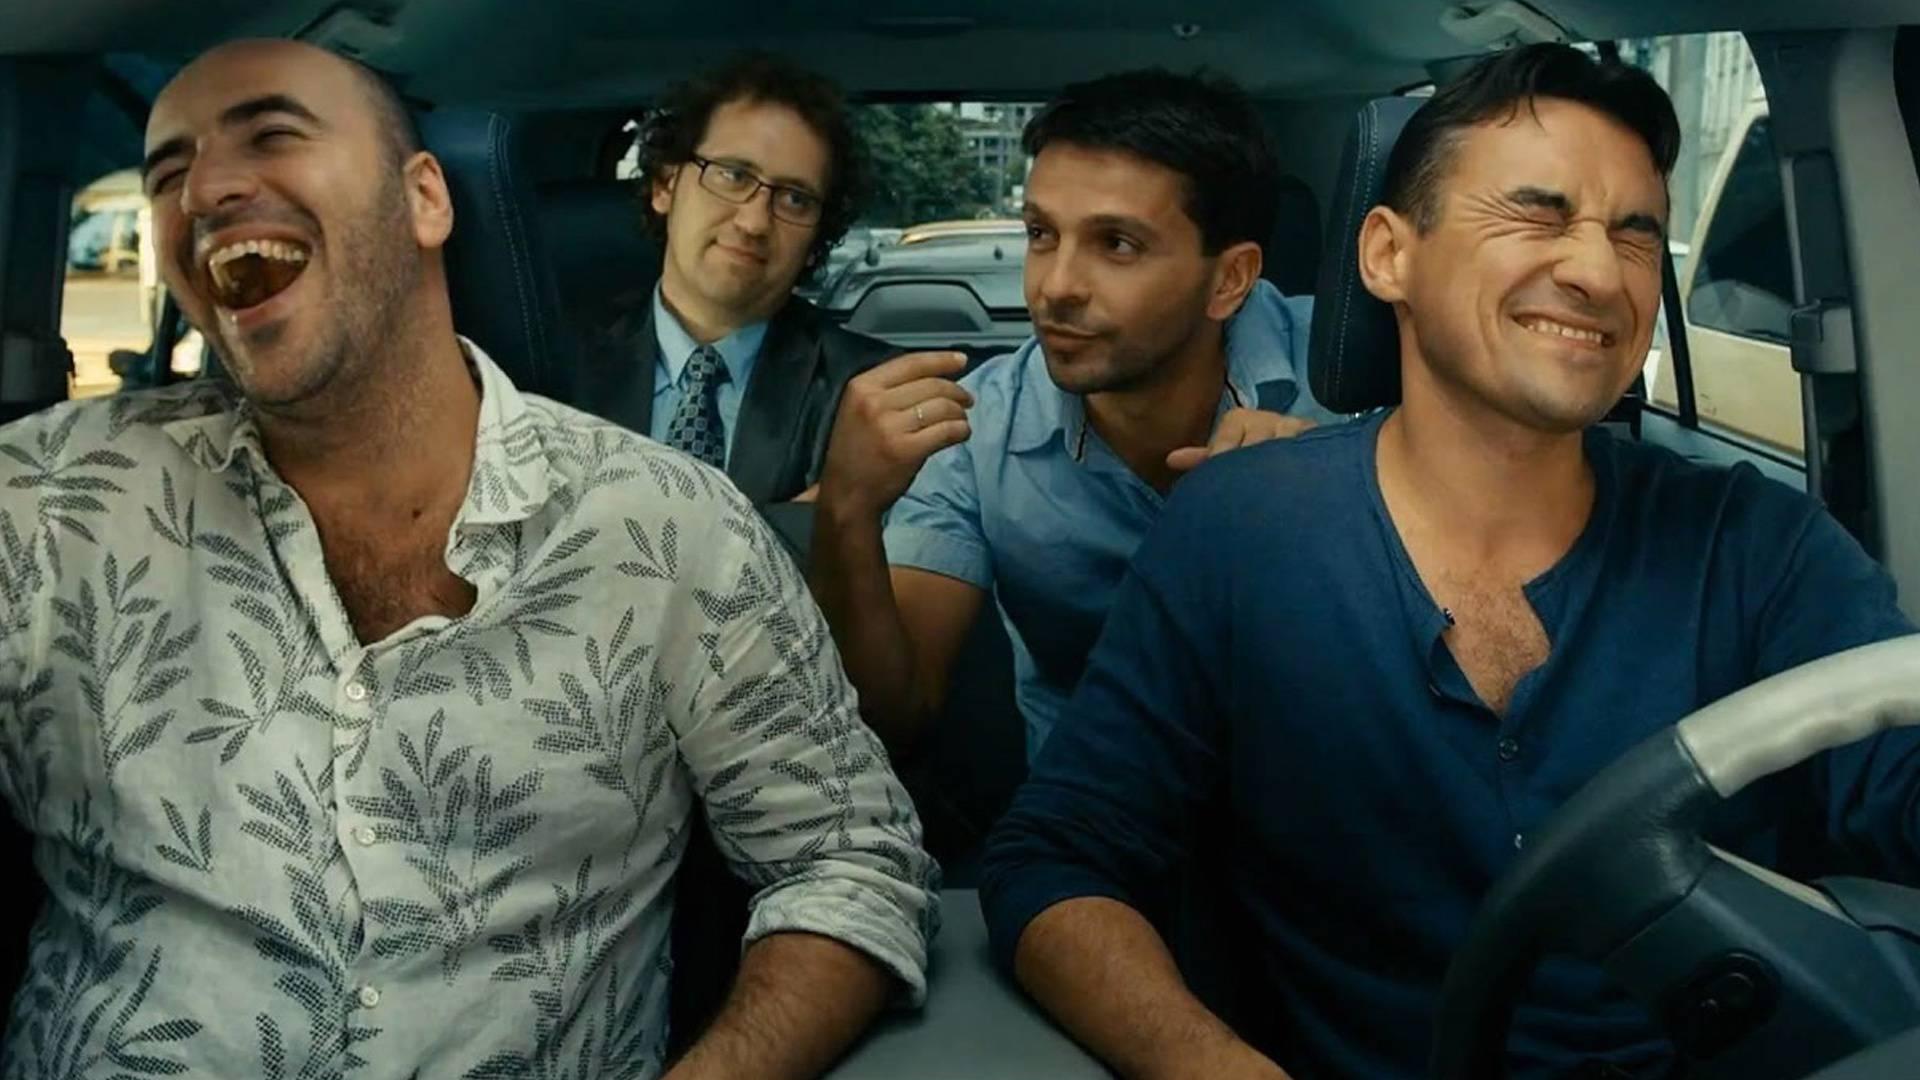 О чём говорят мужчины смотреть фильм